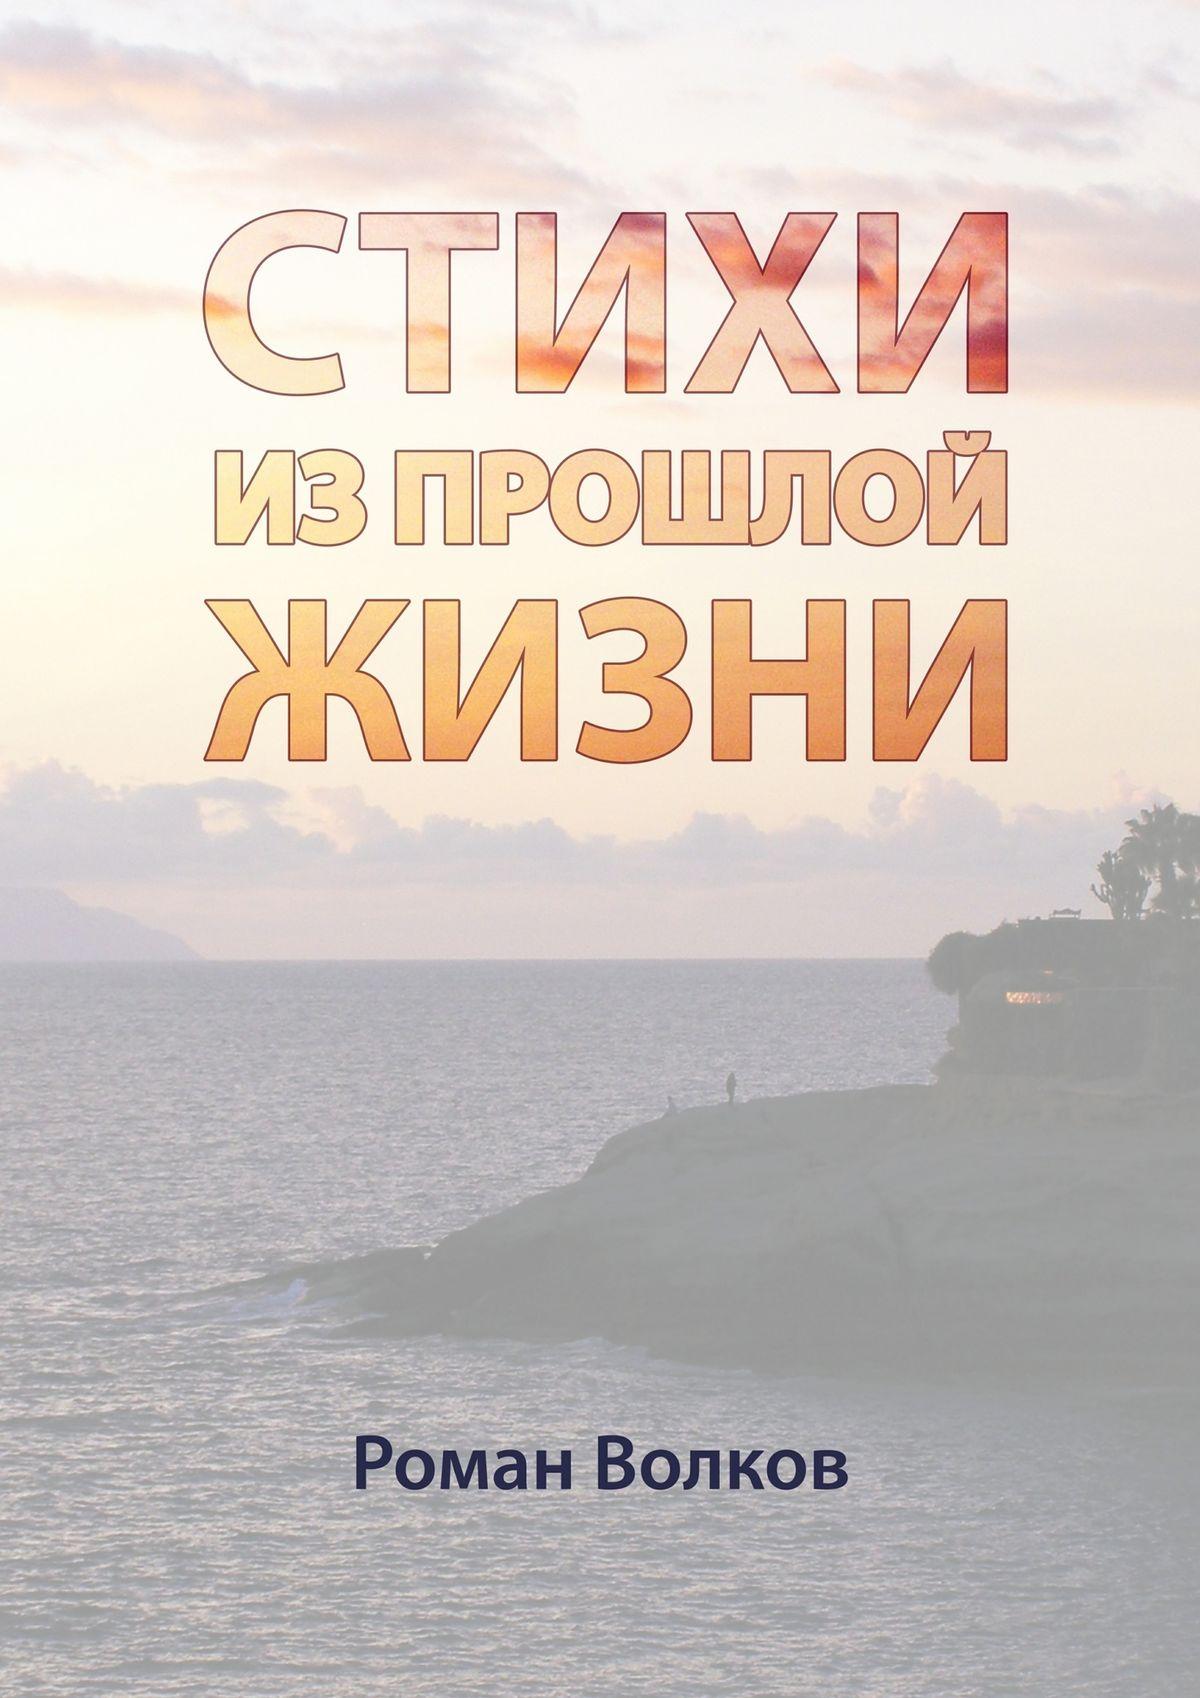 Фото - Роман Волков Стихи. Изпрошлой жизни юность 2017 4